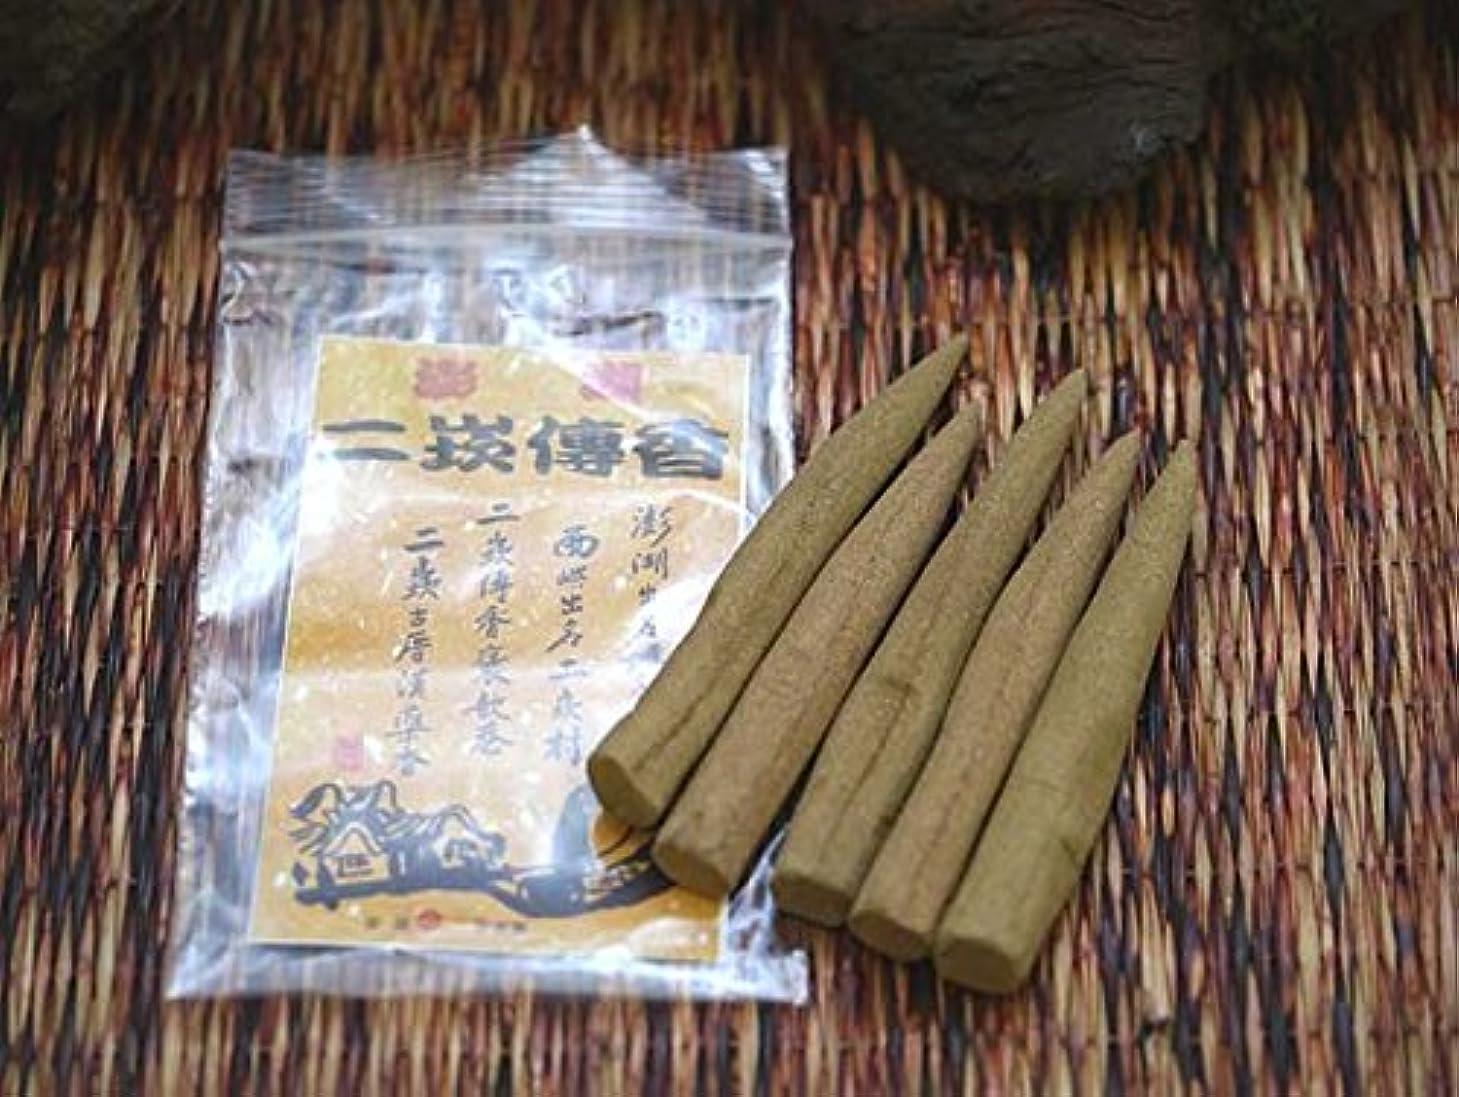 毎年感度エンドテーブルニガンハクコウ 【二 傳香(小)】台湾は澎湖島でのみ作られている伝統的な魔除香